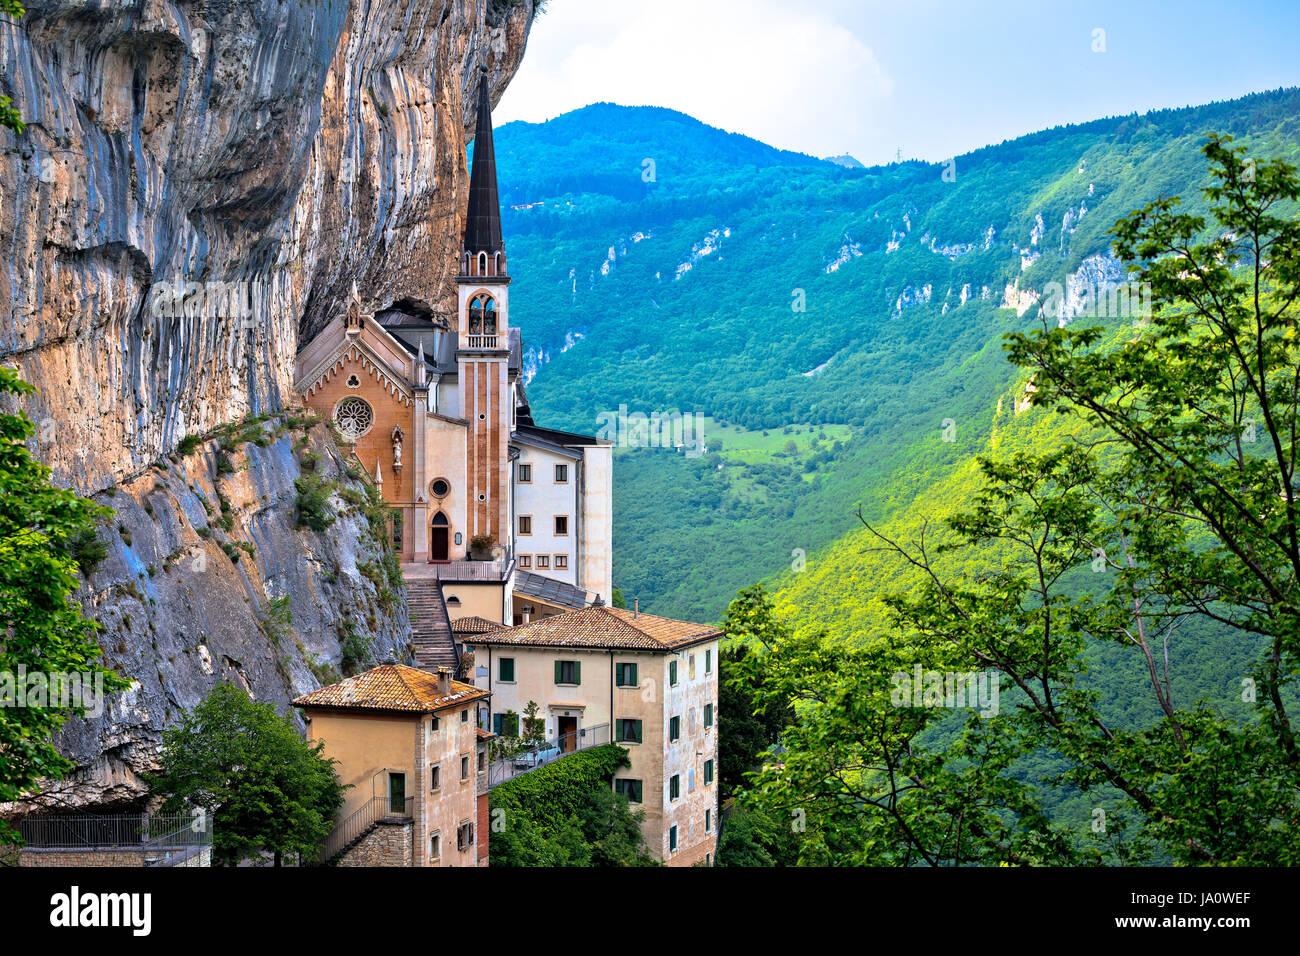 Madonna della Corona Chiesa sulla roccia, santuario nella regione Trentino Alto Adige Italia Immagini Stock